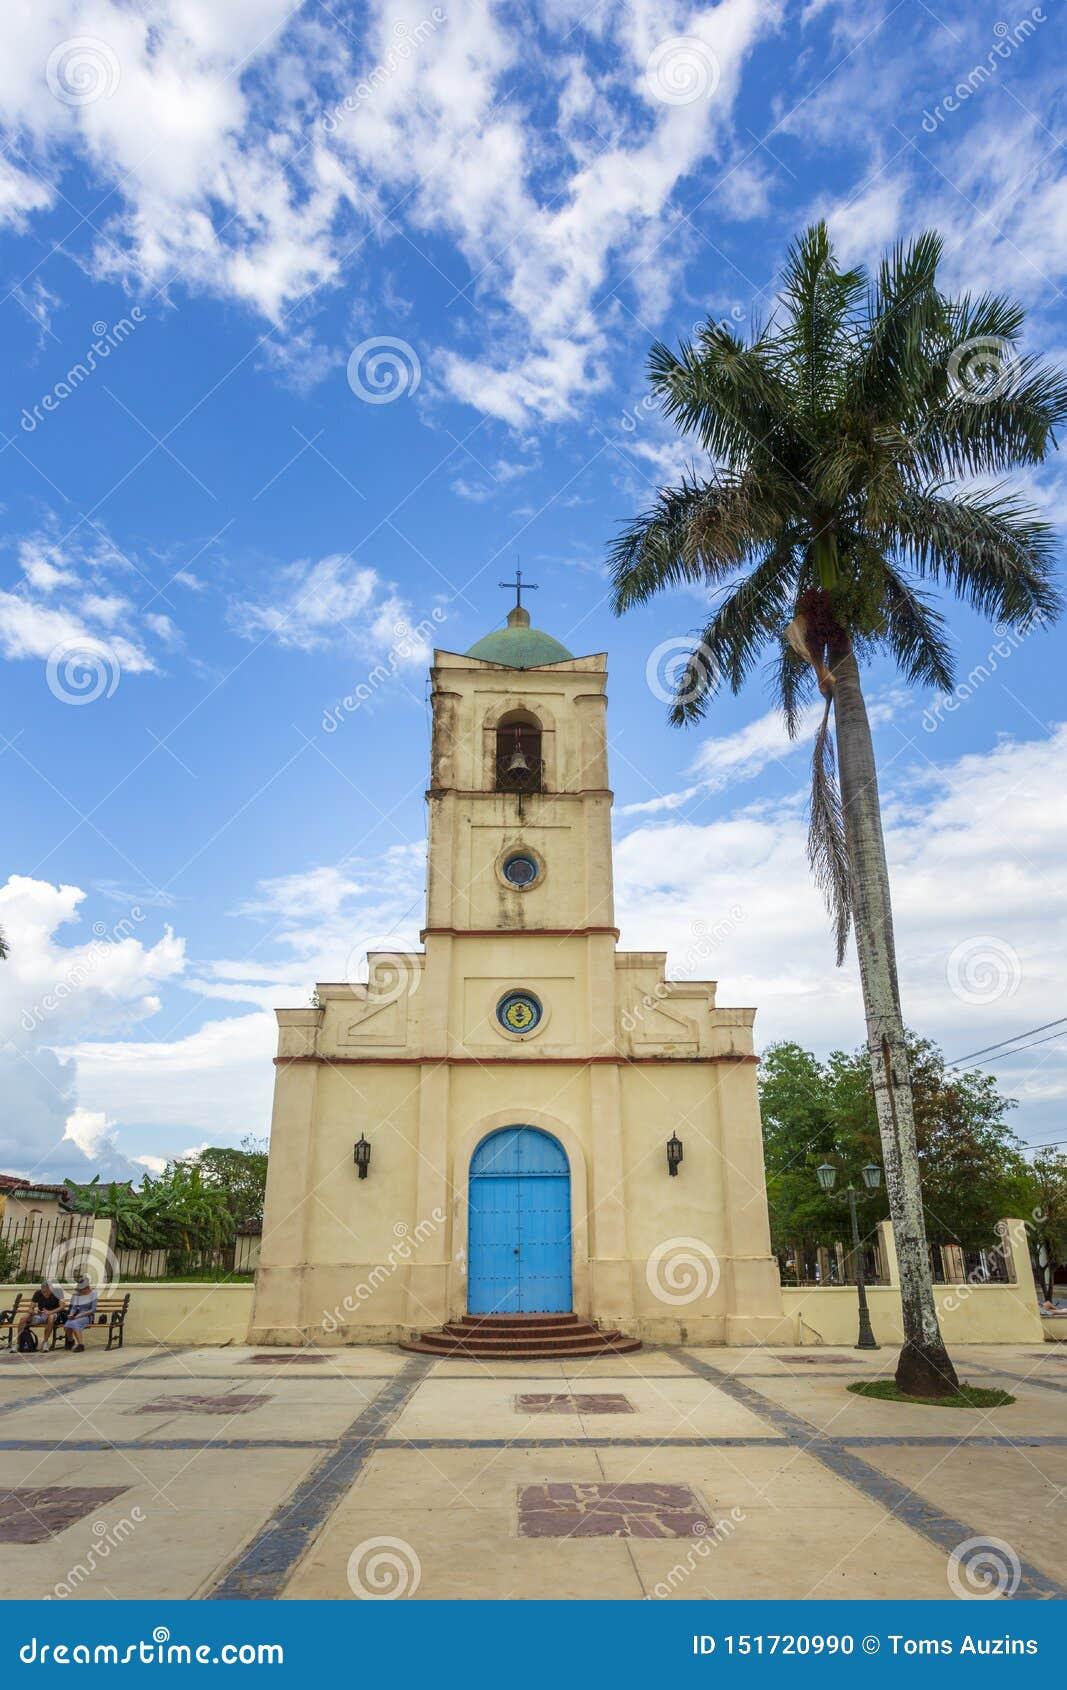 Iglesia de Vinales, la UNESCO, Vinales, Pinar del Rio Province, Cuba, las Antillas, el Caribe, America Central